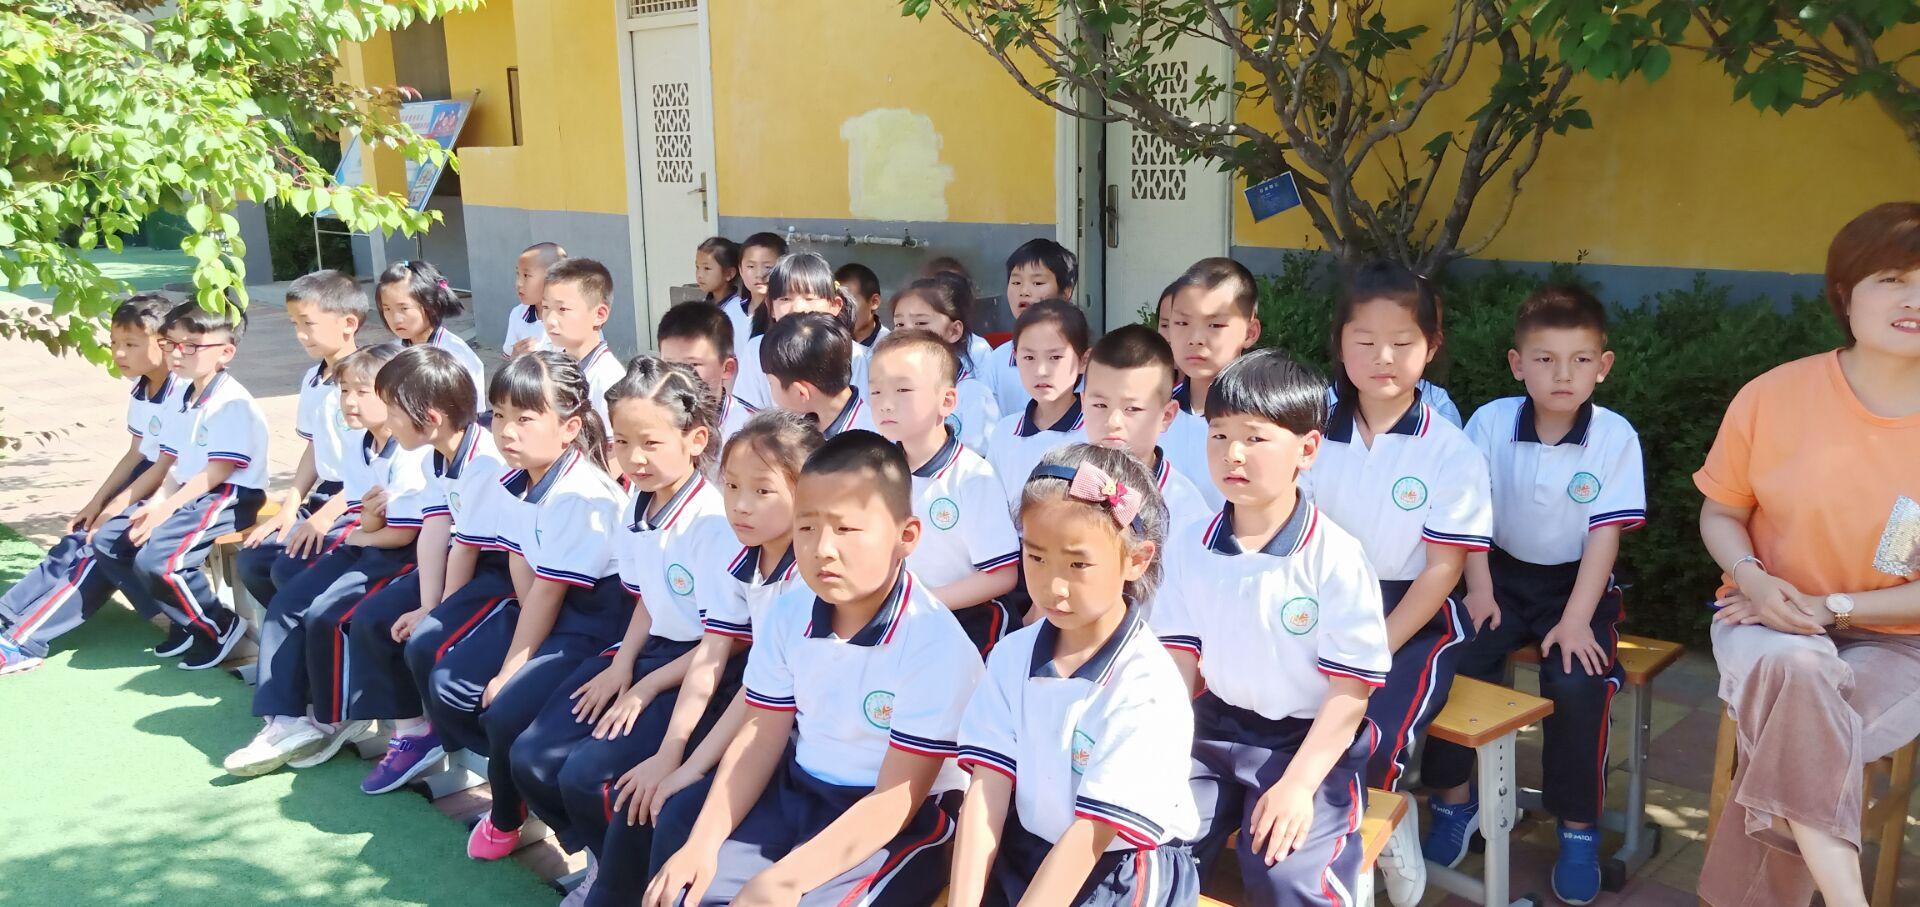 书香溢满校园,心灵徜徉书海——西张小学开展书香校园展示活动